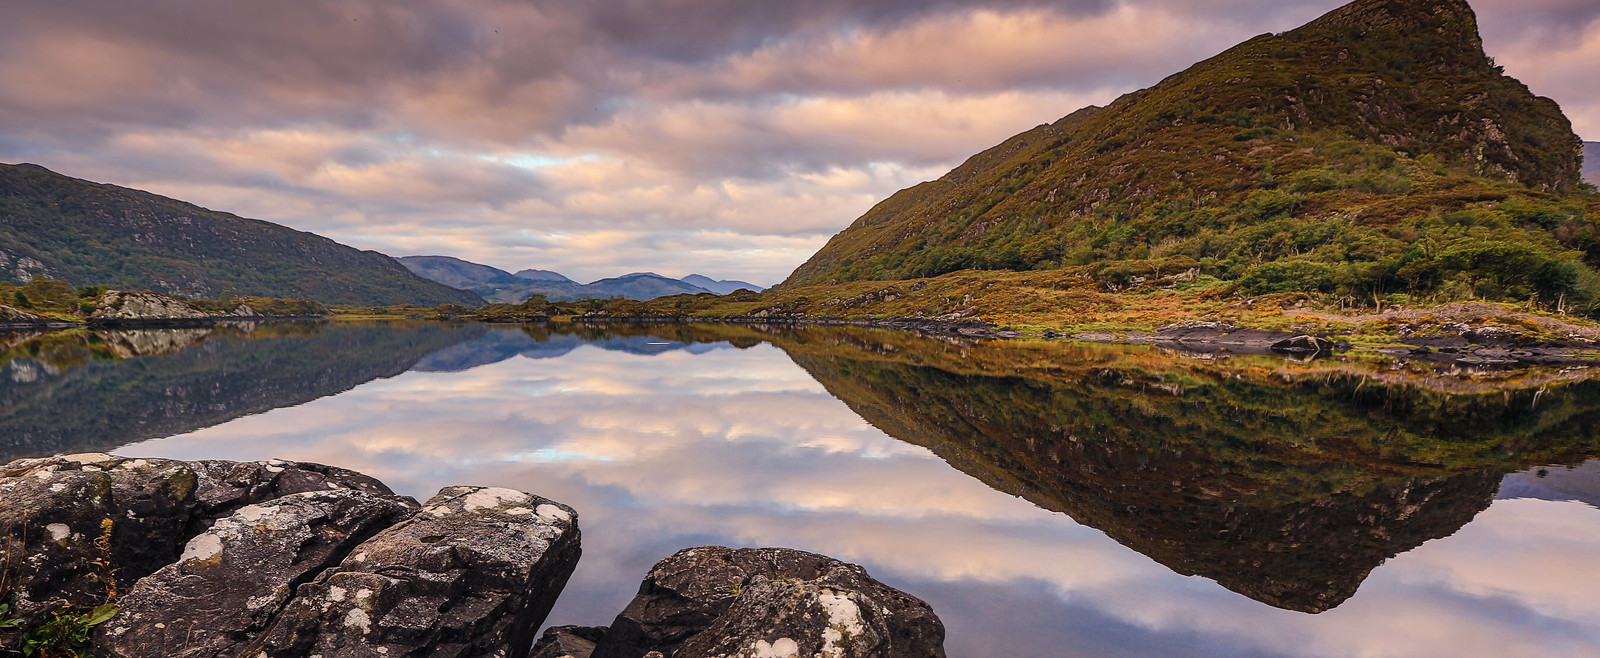 Killarney National Park – Ring of Kerry, Ireland